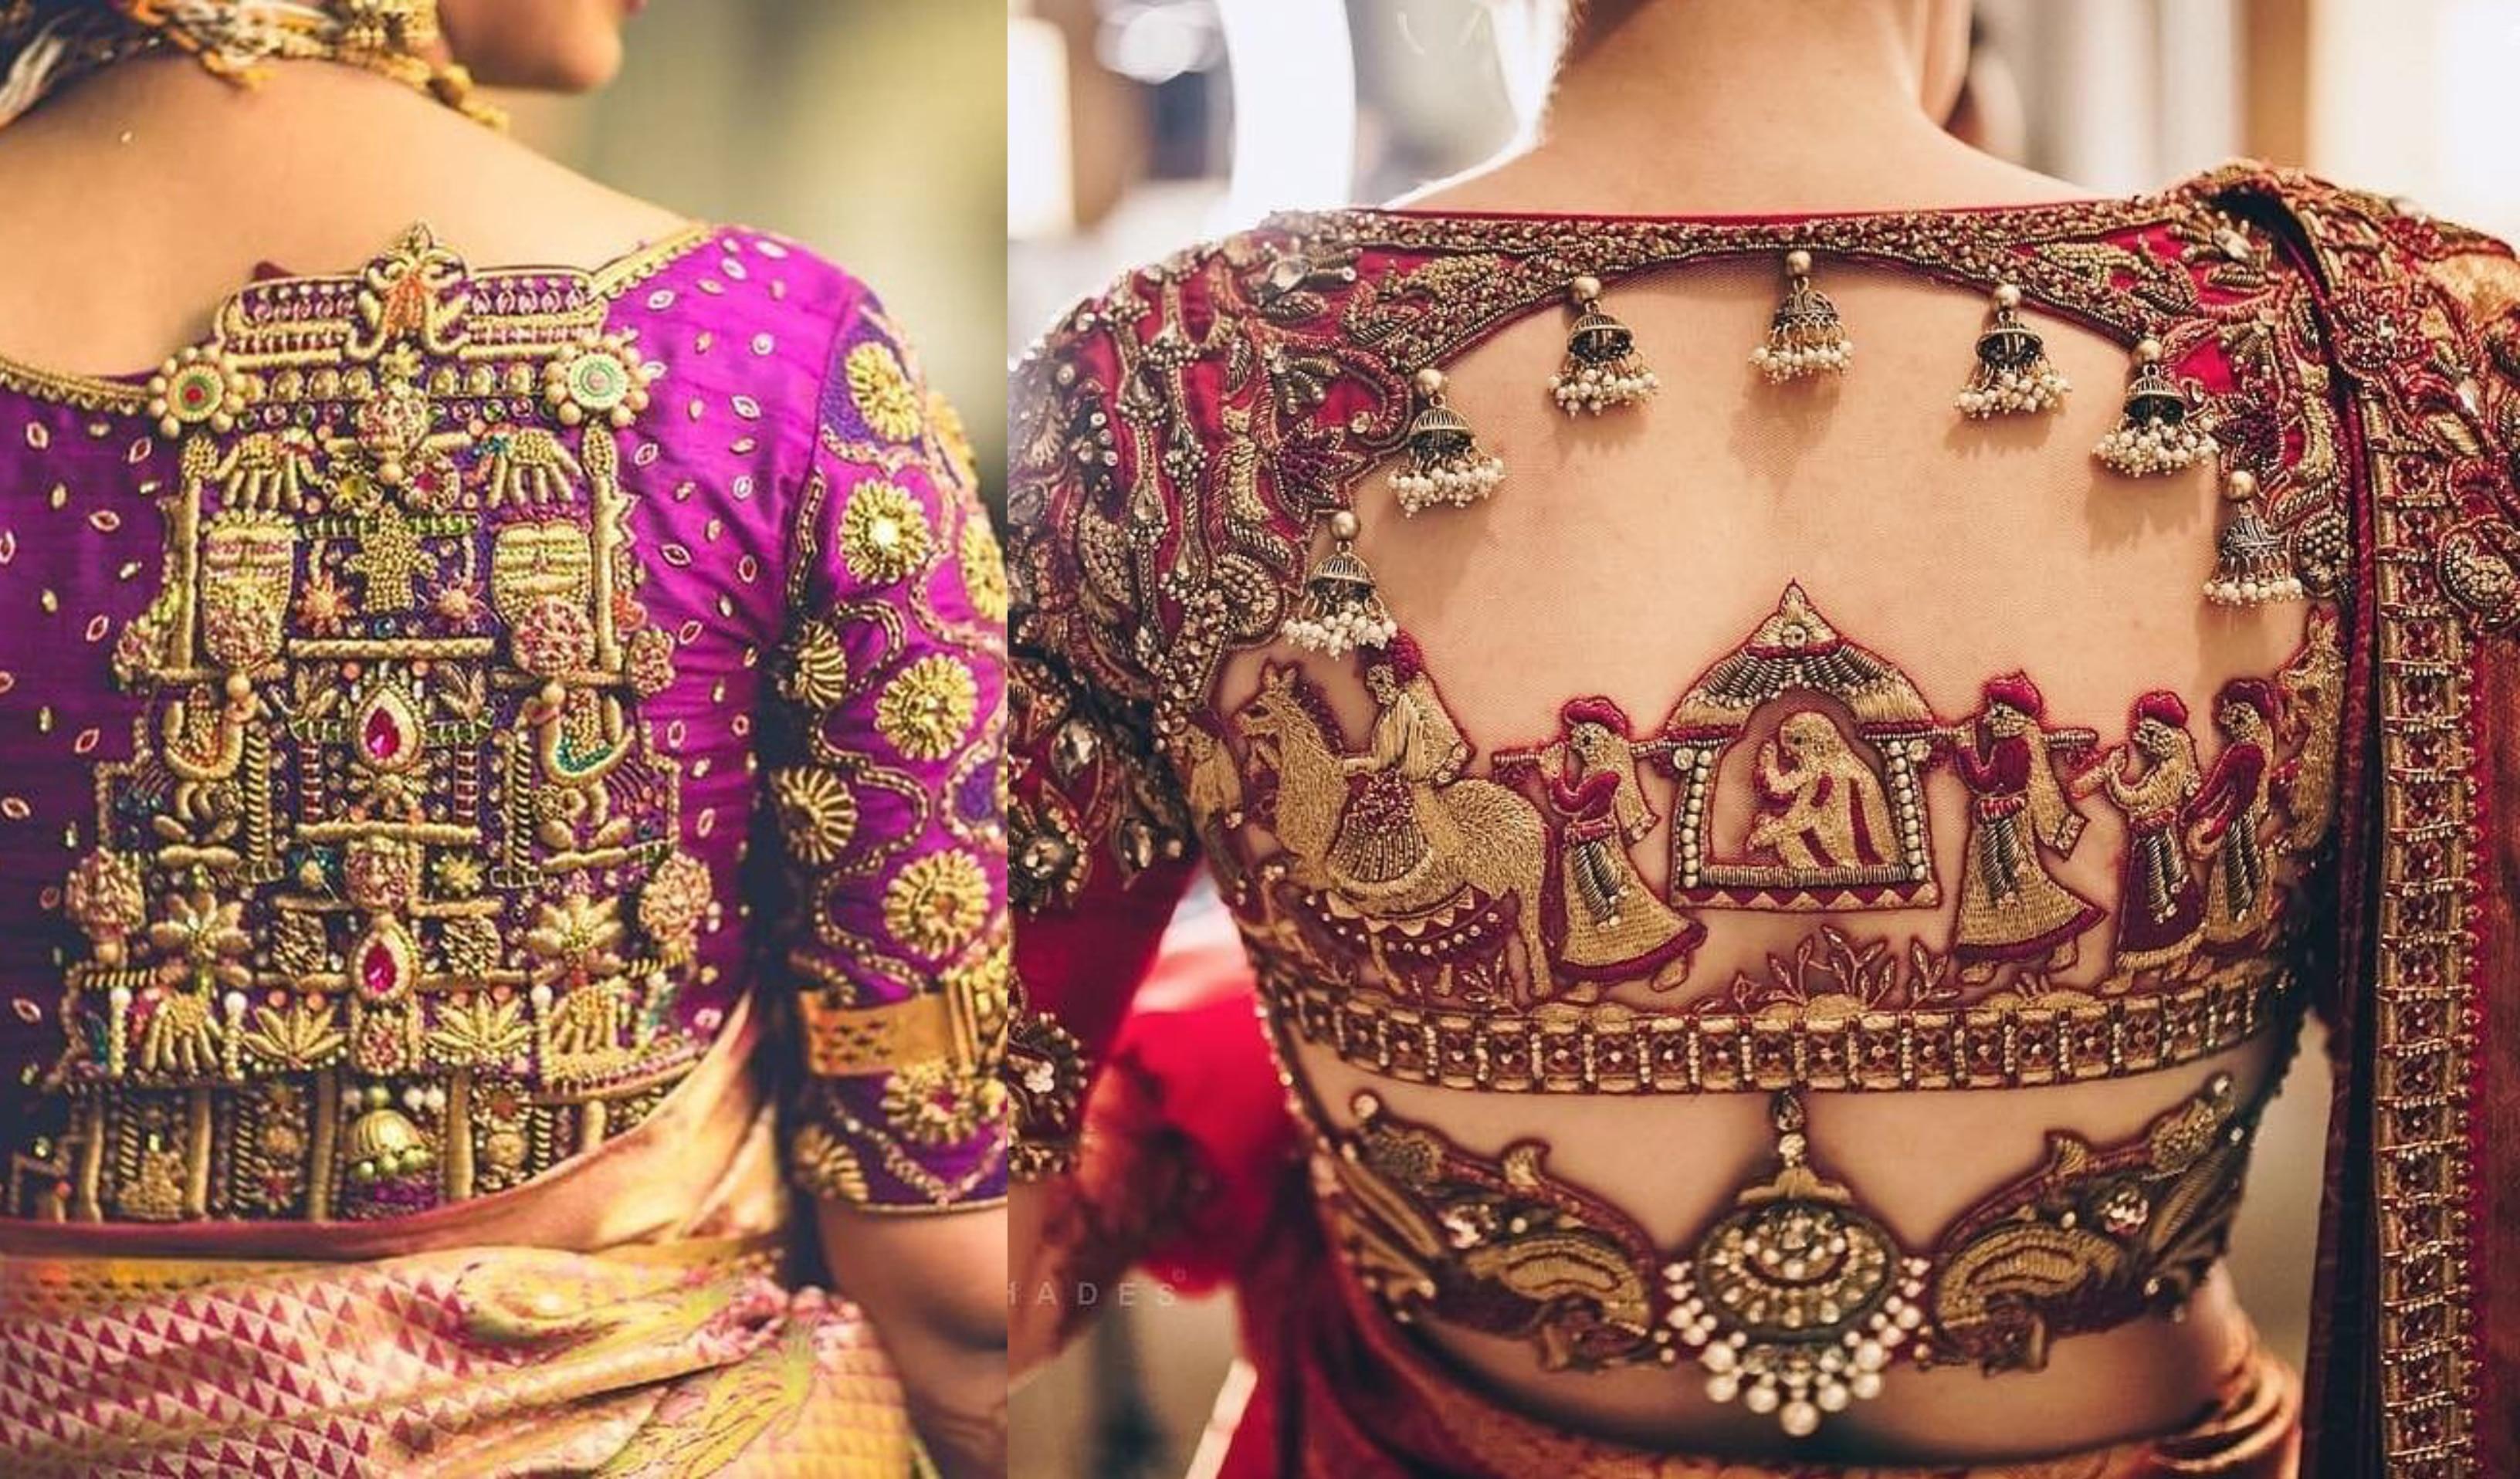 Readymade Saree Blouse,Designer Golden Sari Blouse,South Indian Blouse,Choli,Top